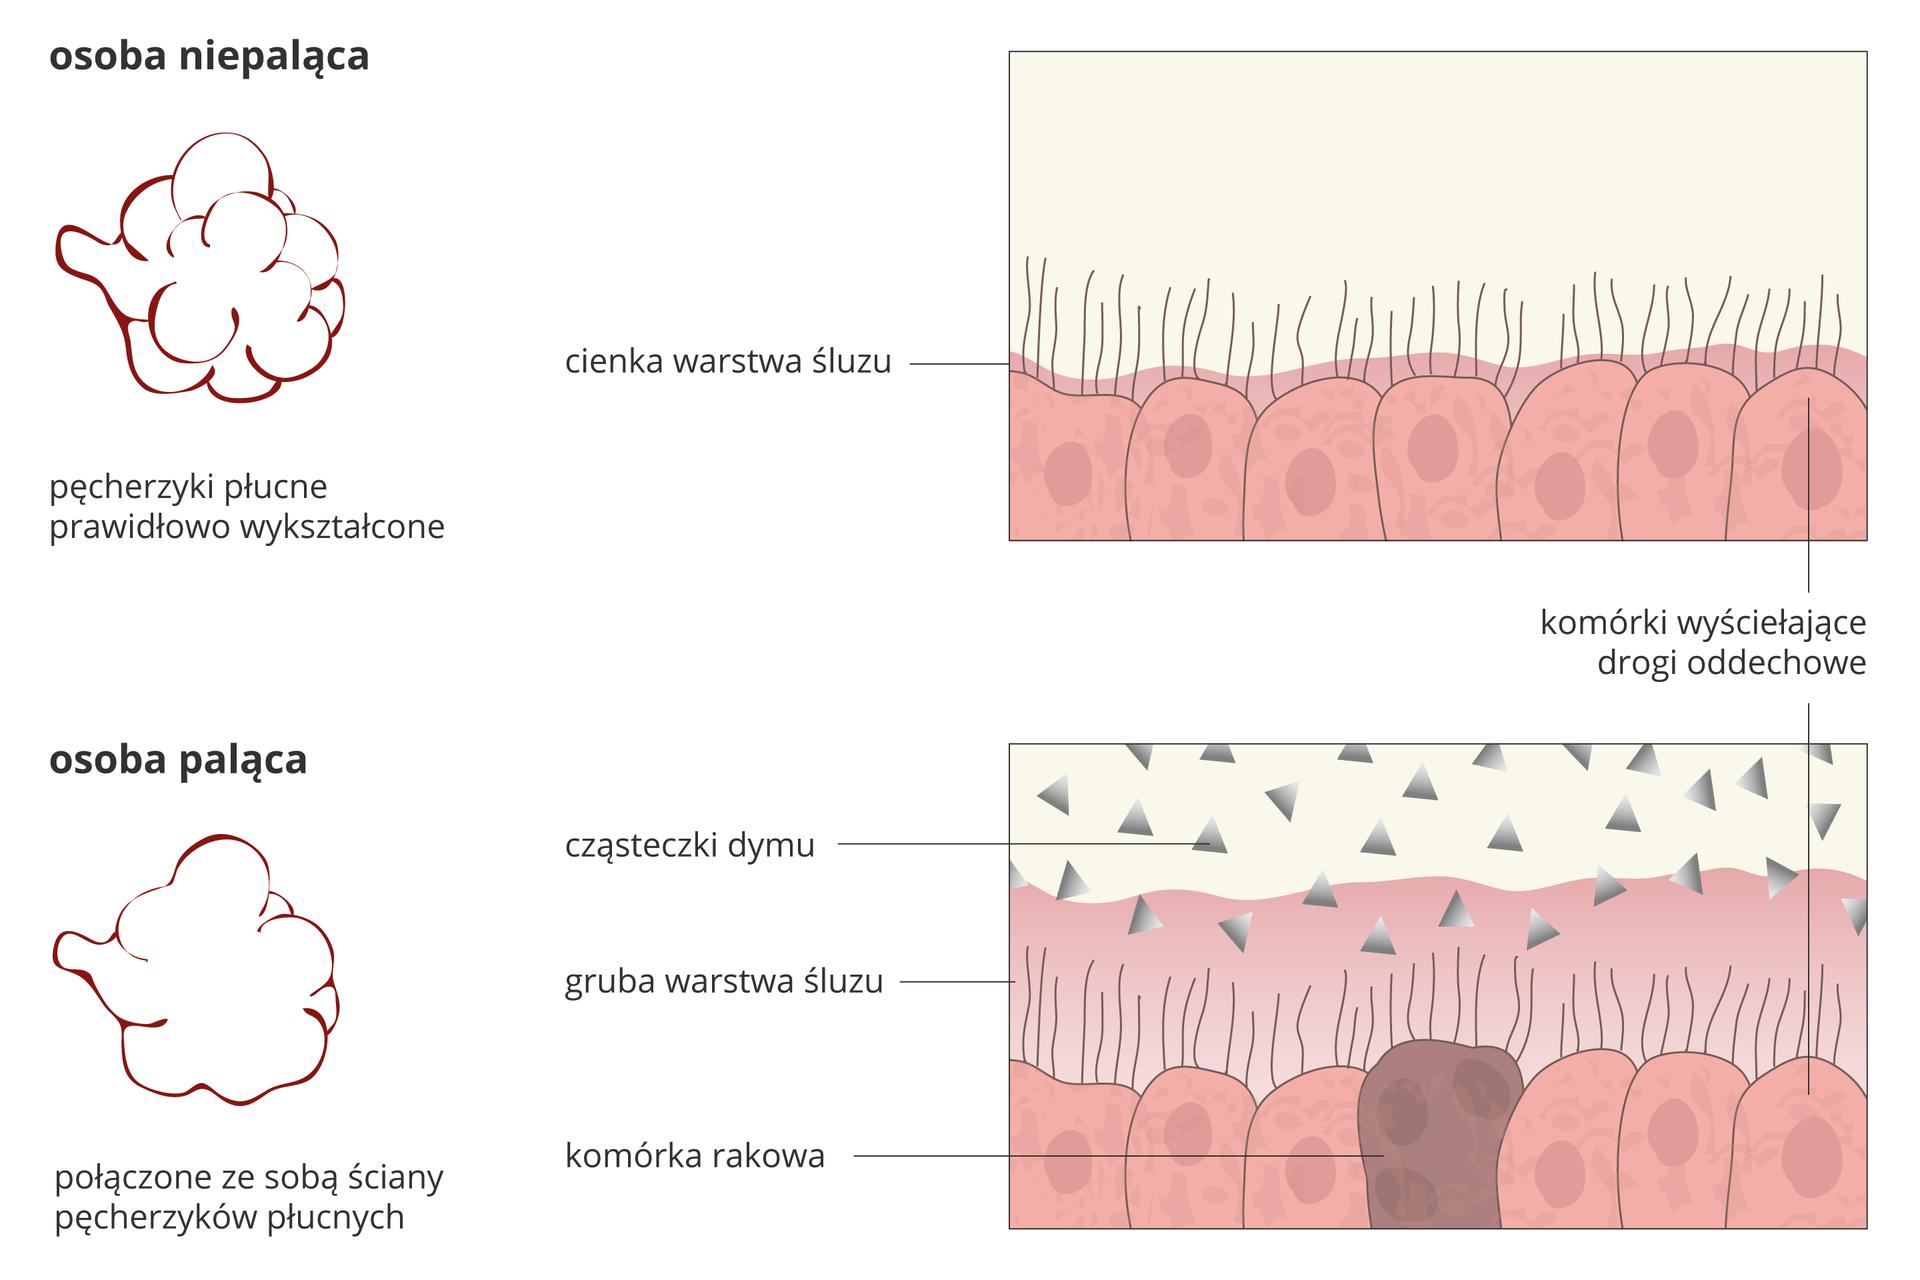 Ilustracja przedstawia schematycznie 4 rysunki, porównujące budowę dróg oddechowych uosoby niepalącej (górny rząd) iupalącej. Zlewej znajdują się pęcherzyki płucne. Upalacza (na dole) ich ściany łączą się ze sobą. Zprawej powiększenie nabłonka dróg oddechowych. Upalacza dodano dym wpostaci szarych trójkątów. Warstwa śluzu jest gruba iprzykrywa rzęski. Między różowymi komórkami jest ciemna komórka rakowa.